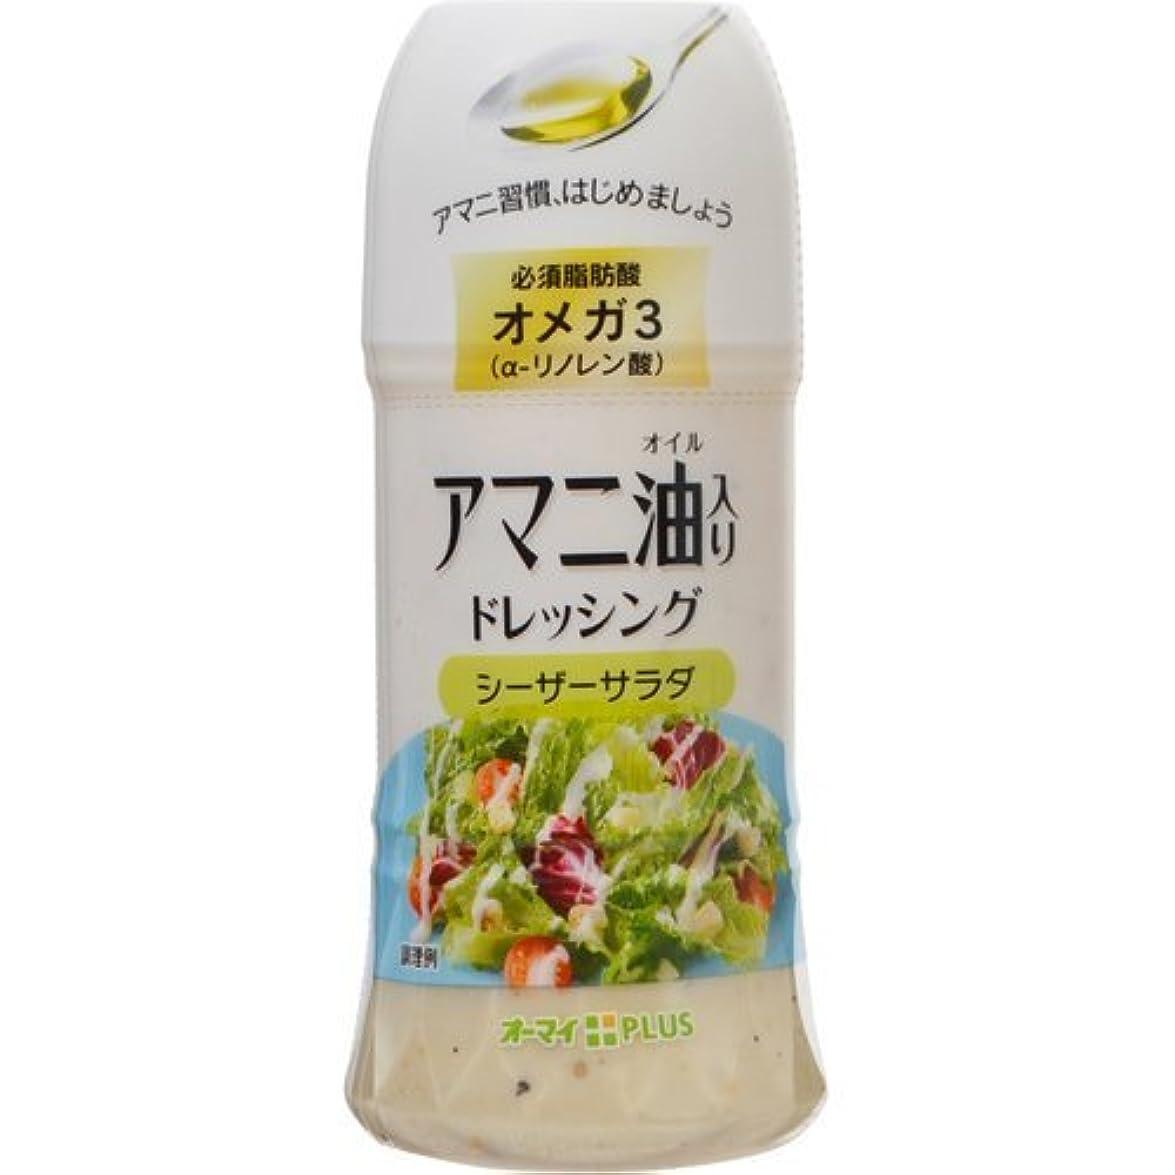 海藻アラートガジュマルアマニ油入り ドレッシング シーザーサラダ【6セット】